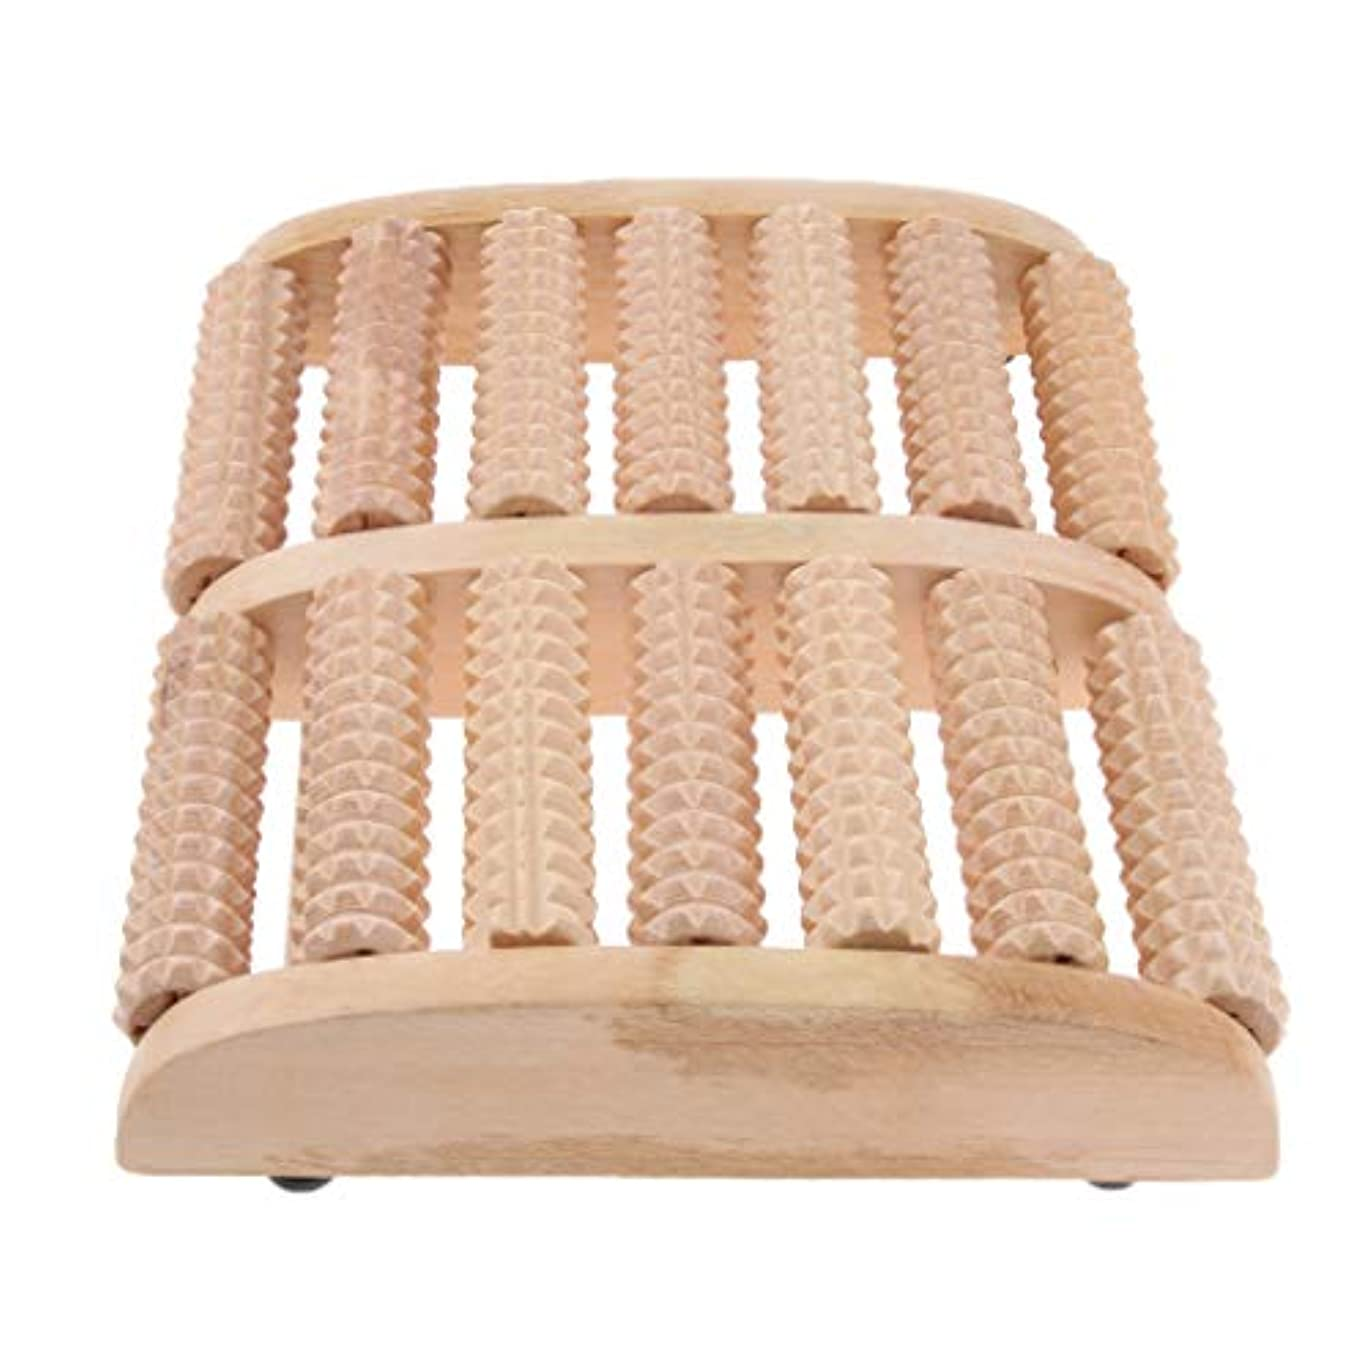 ビルダー正確本体IPOTCH マッサージローラー 7行 自然木製 足踏み フットマッサージ ツボ押し 痛み緩和 健康器具 高品質